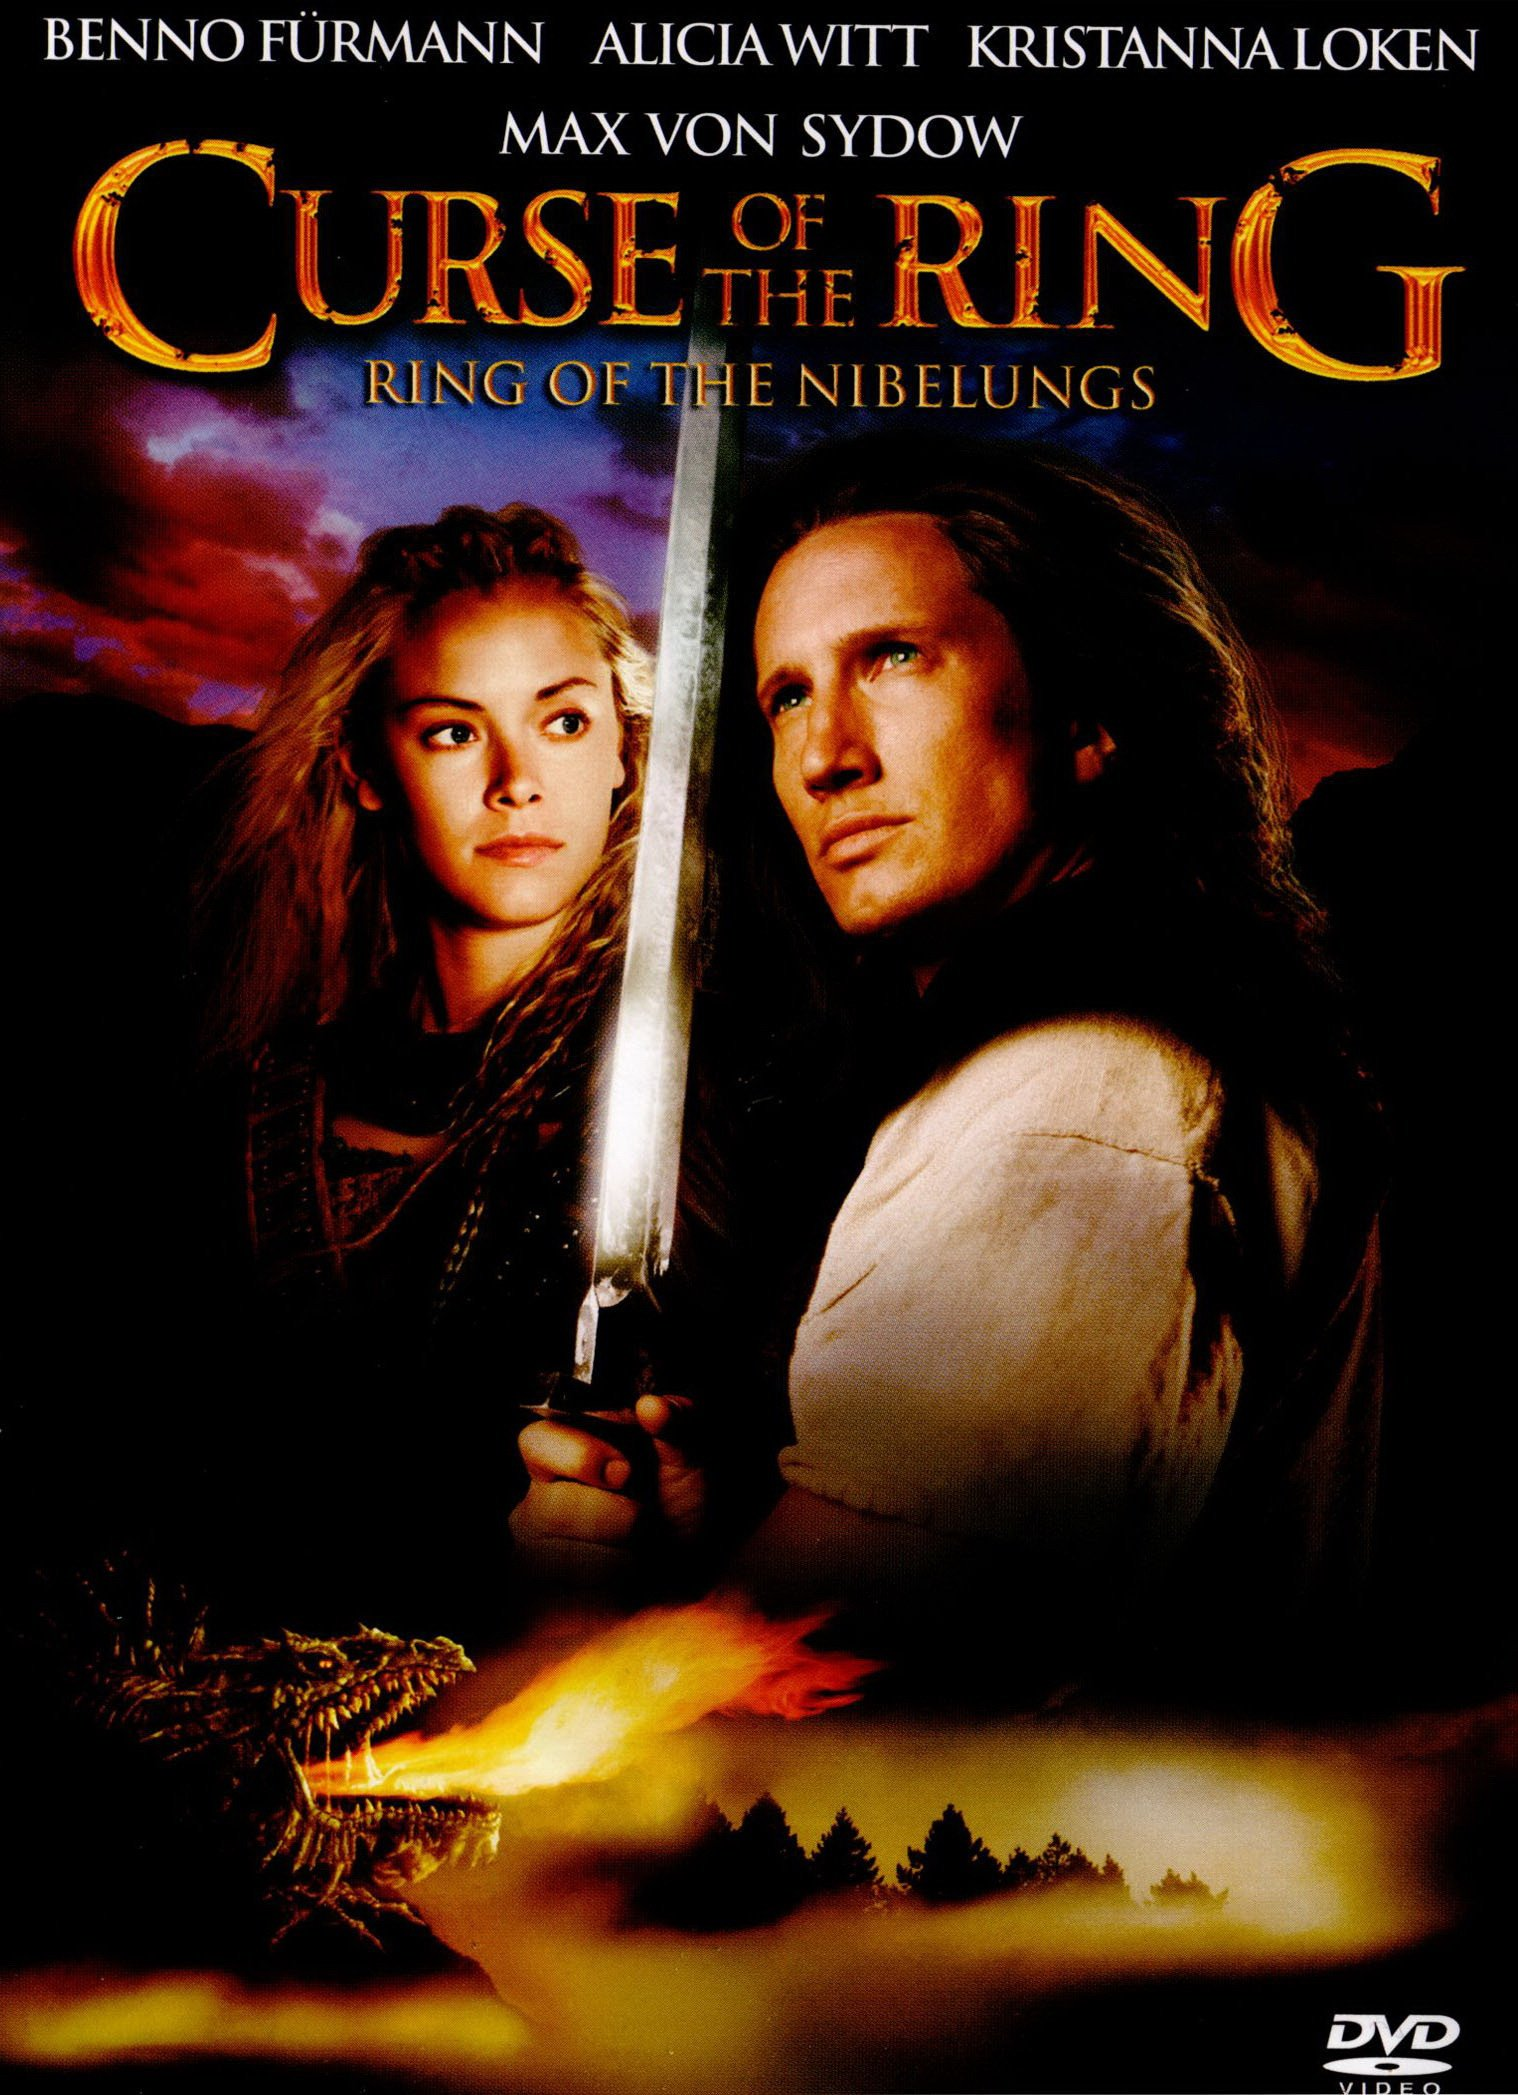 [好雷] 尼貝龍指環 Ring of the Nibelungs (2004 德國電視電影)